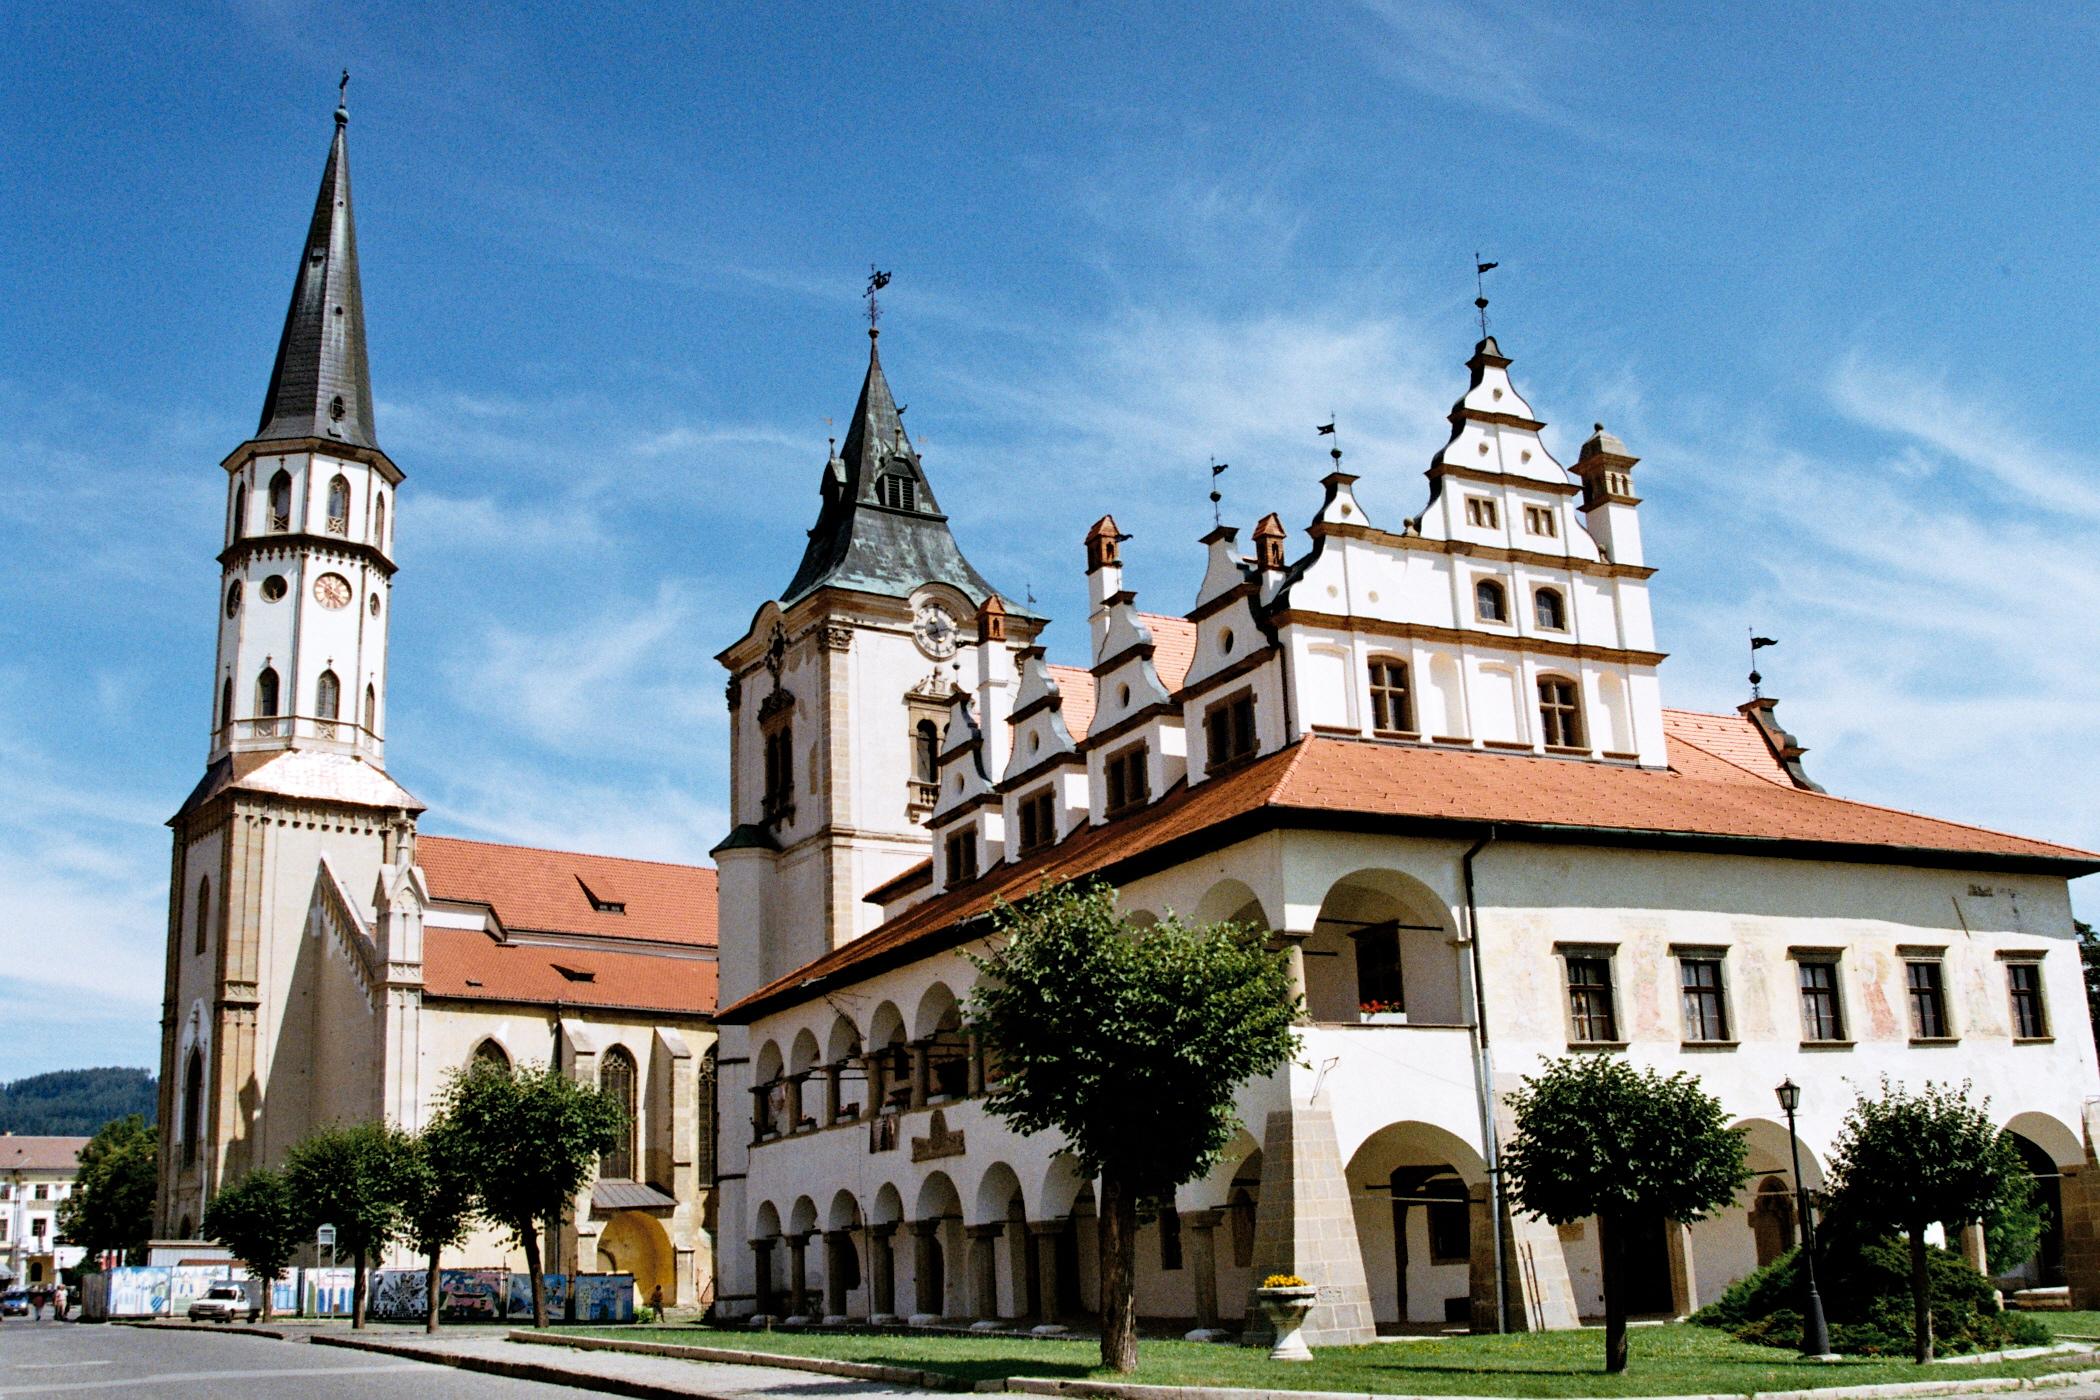 leutschau_-_rathaus_und_dom